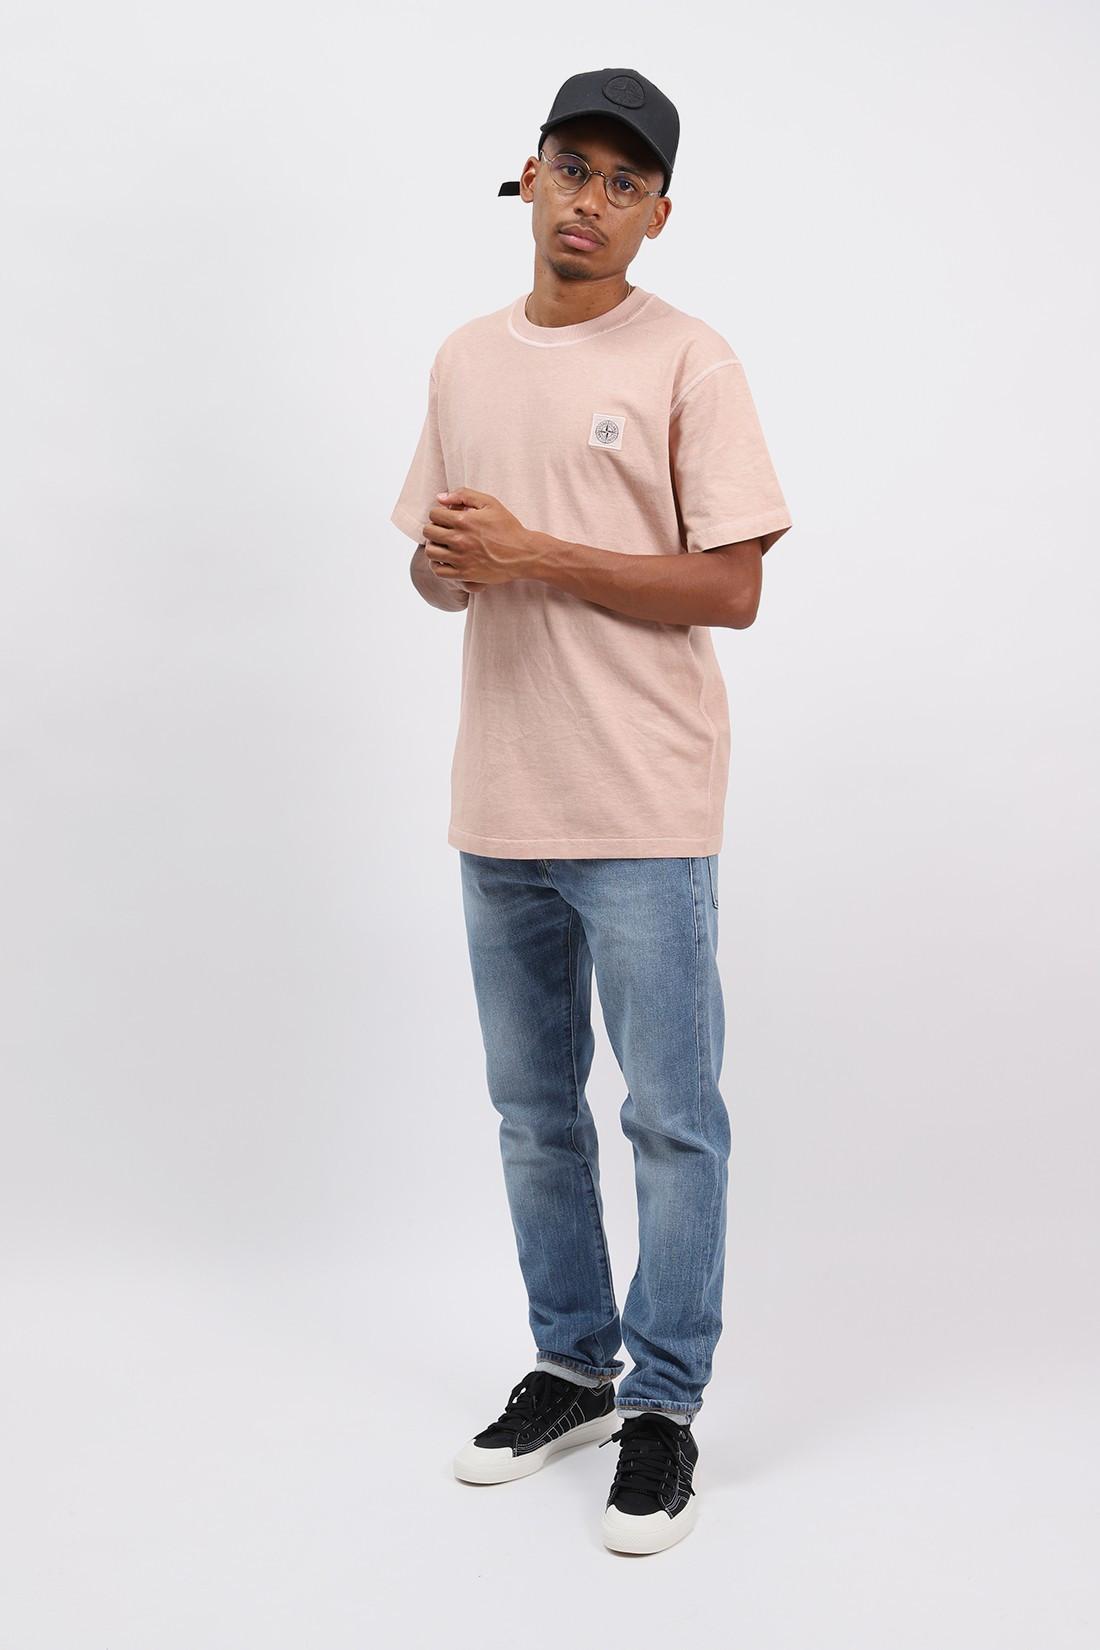 STONE ISLAND / 23742 fissato t shirt v0182 Rosa antico